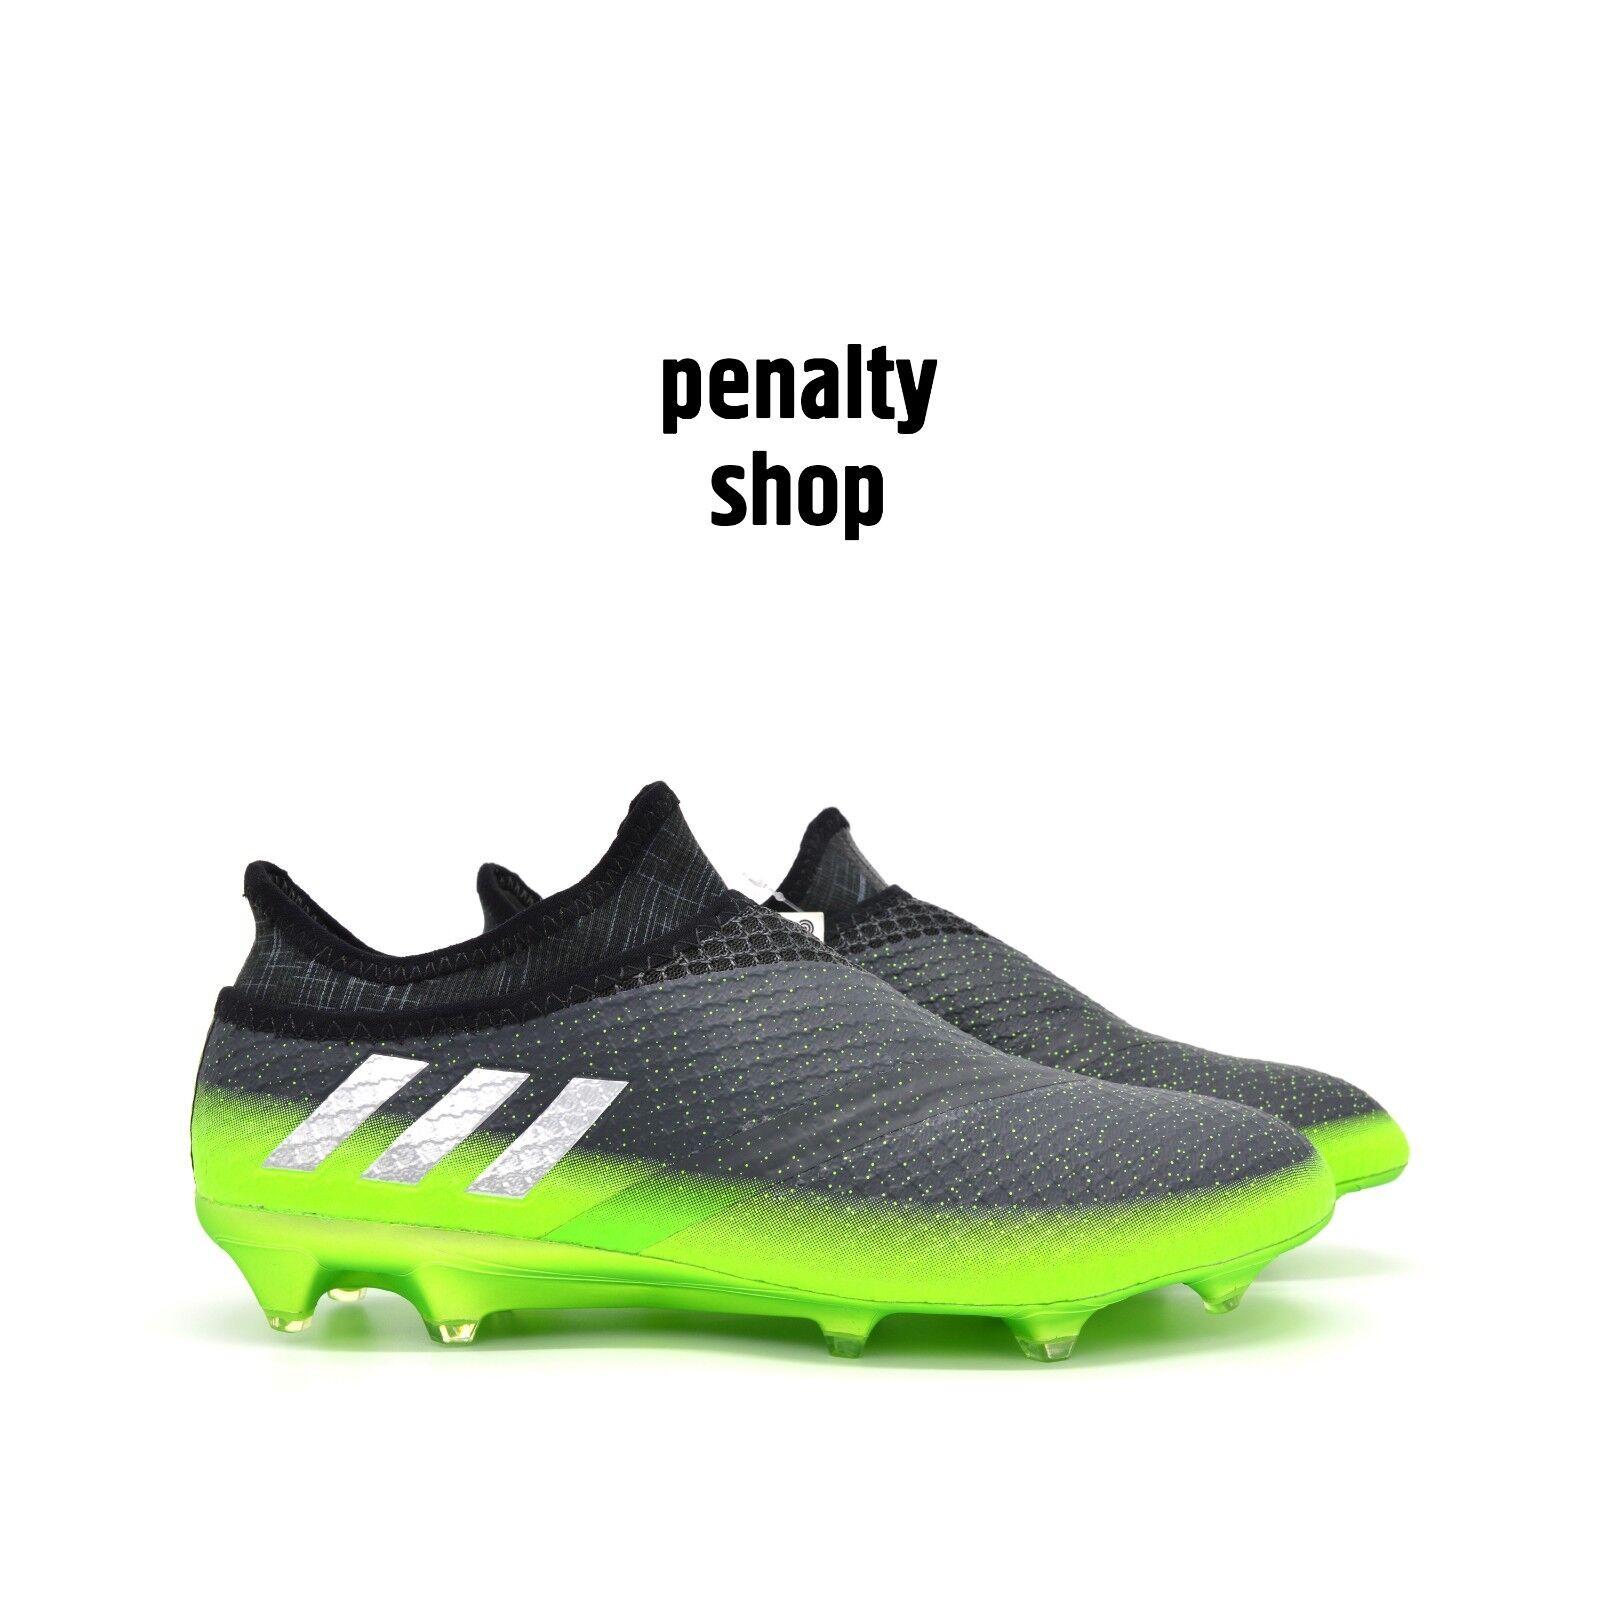 Adidas Messi 16+ Pureagility FG AG S76489 RARE Limited Edition